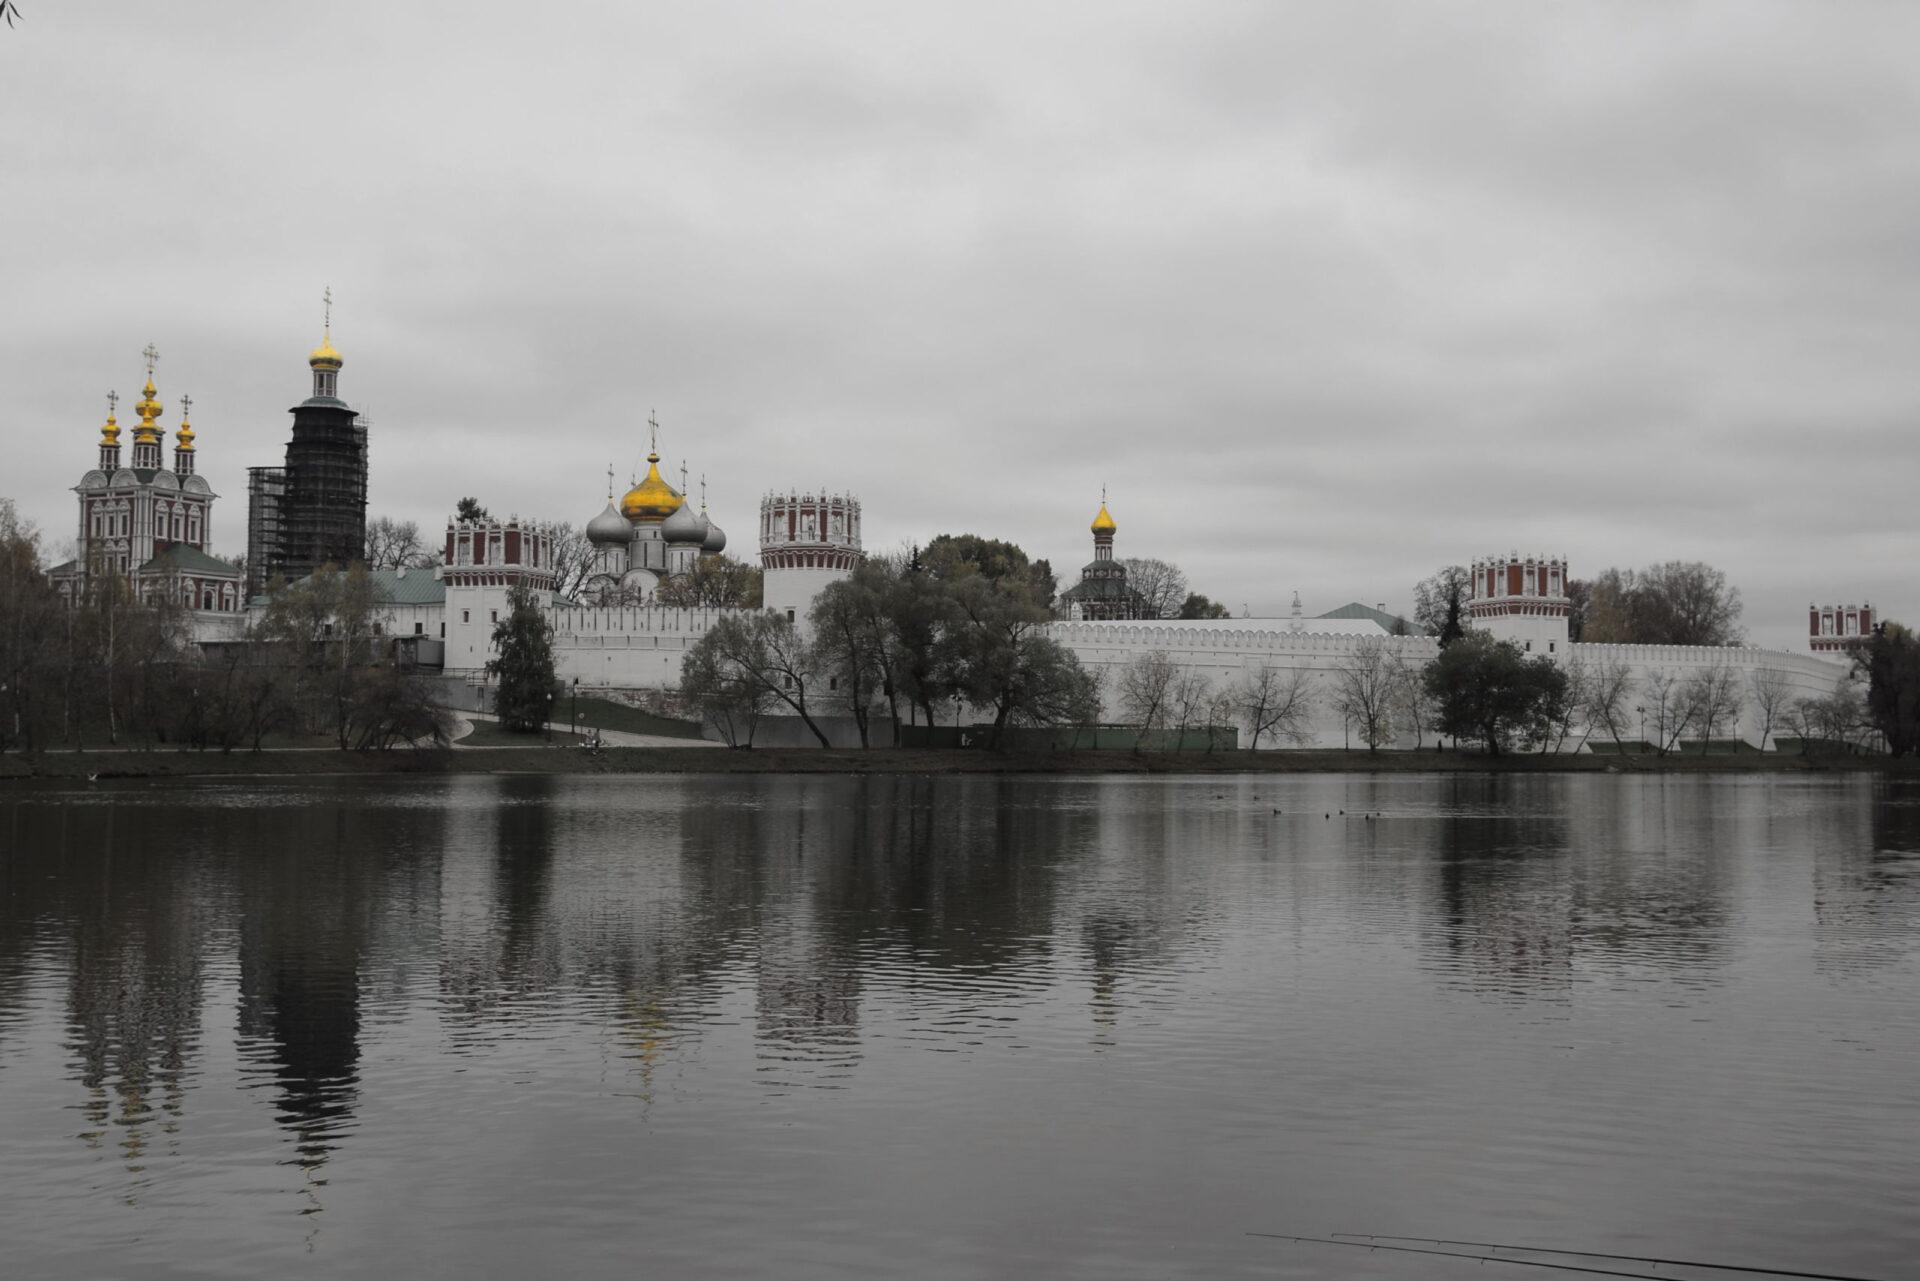 Саввинская набережная, парк Новодевичьи пруды